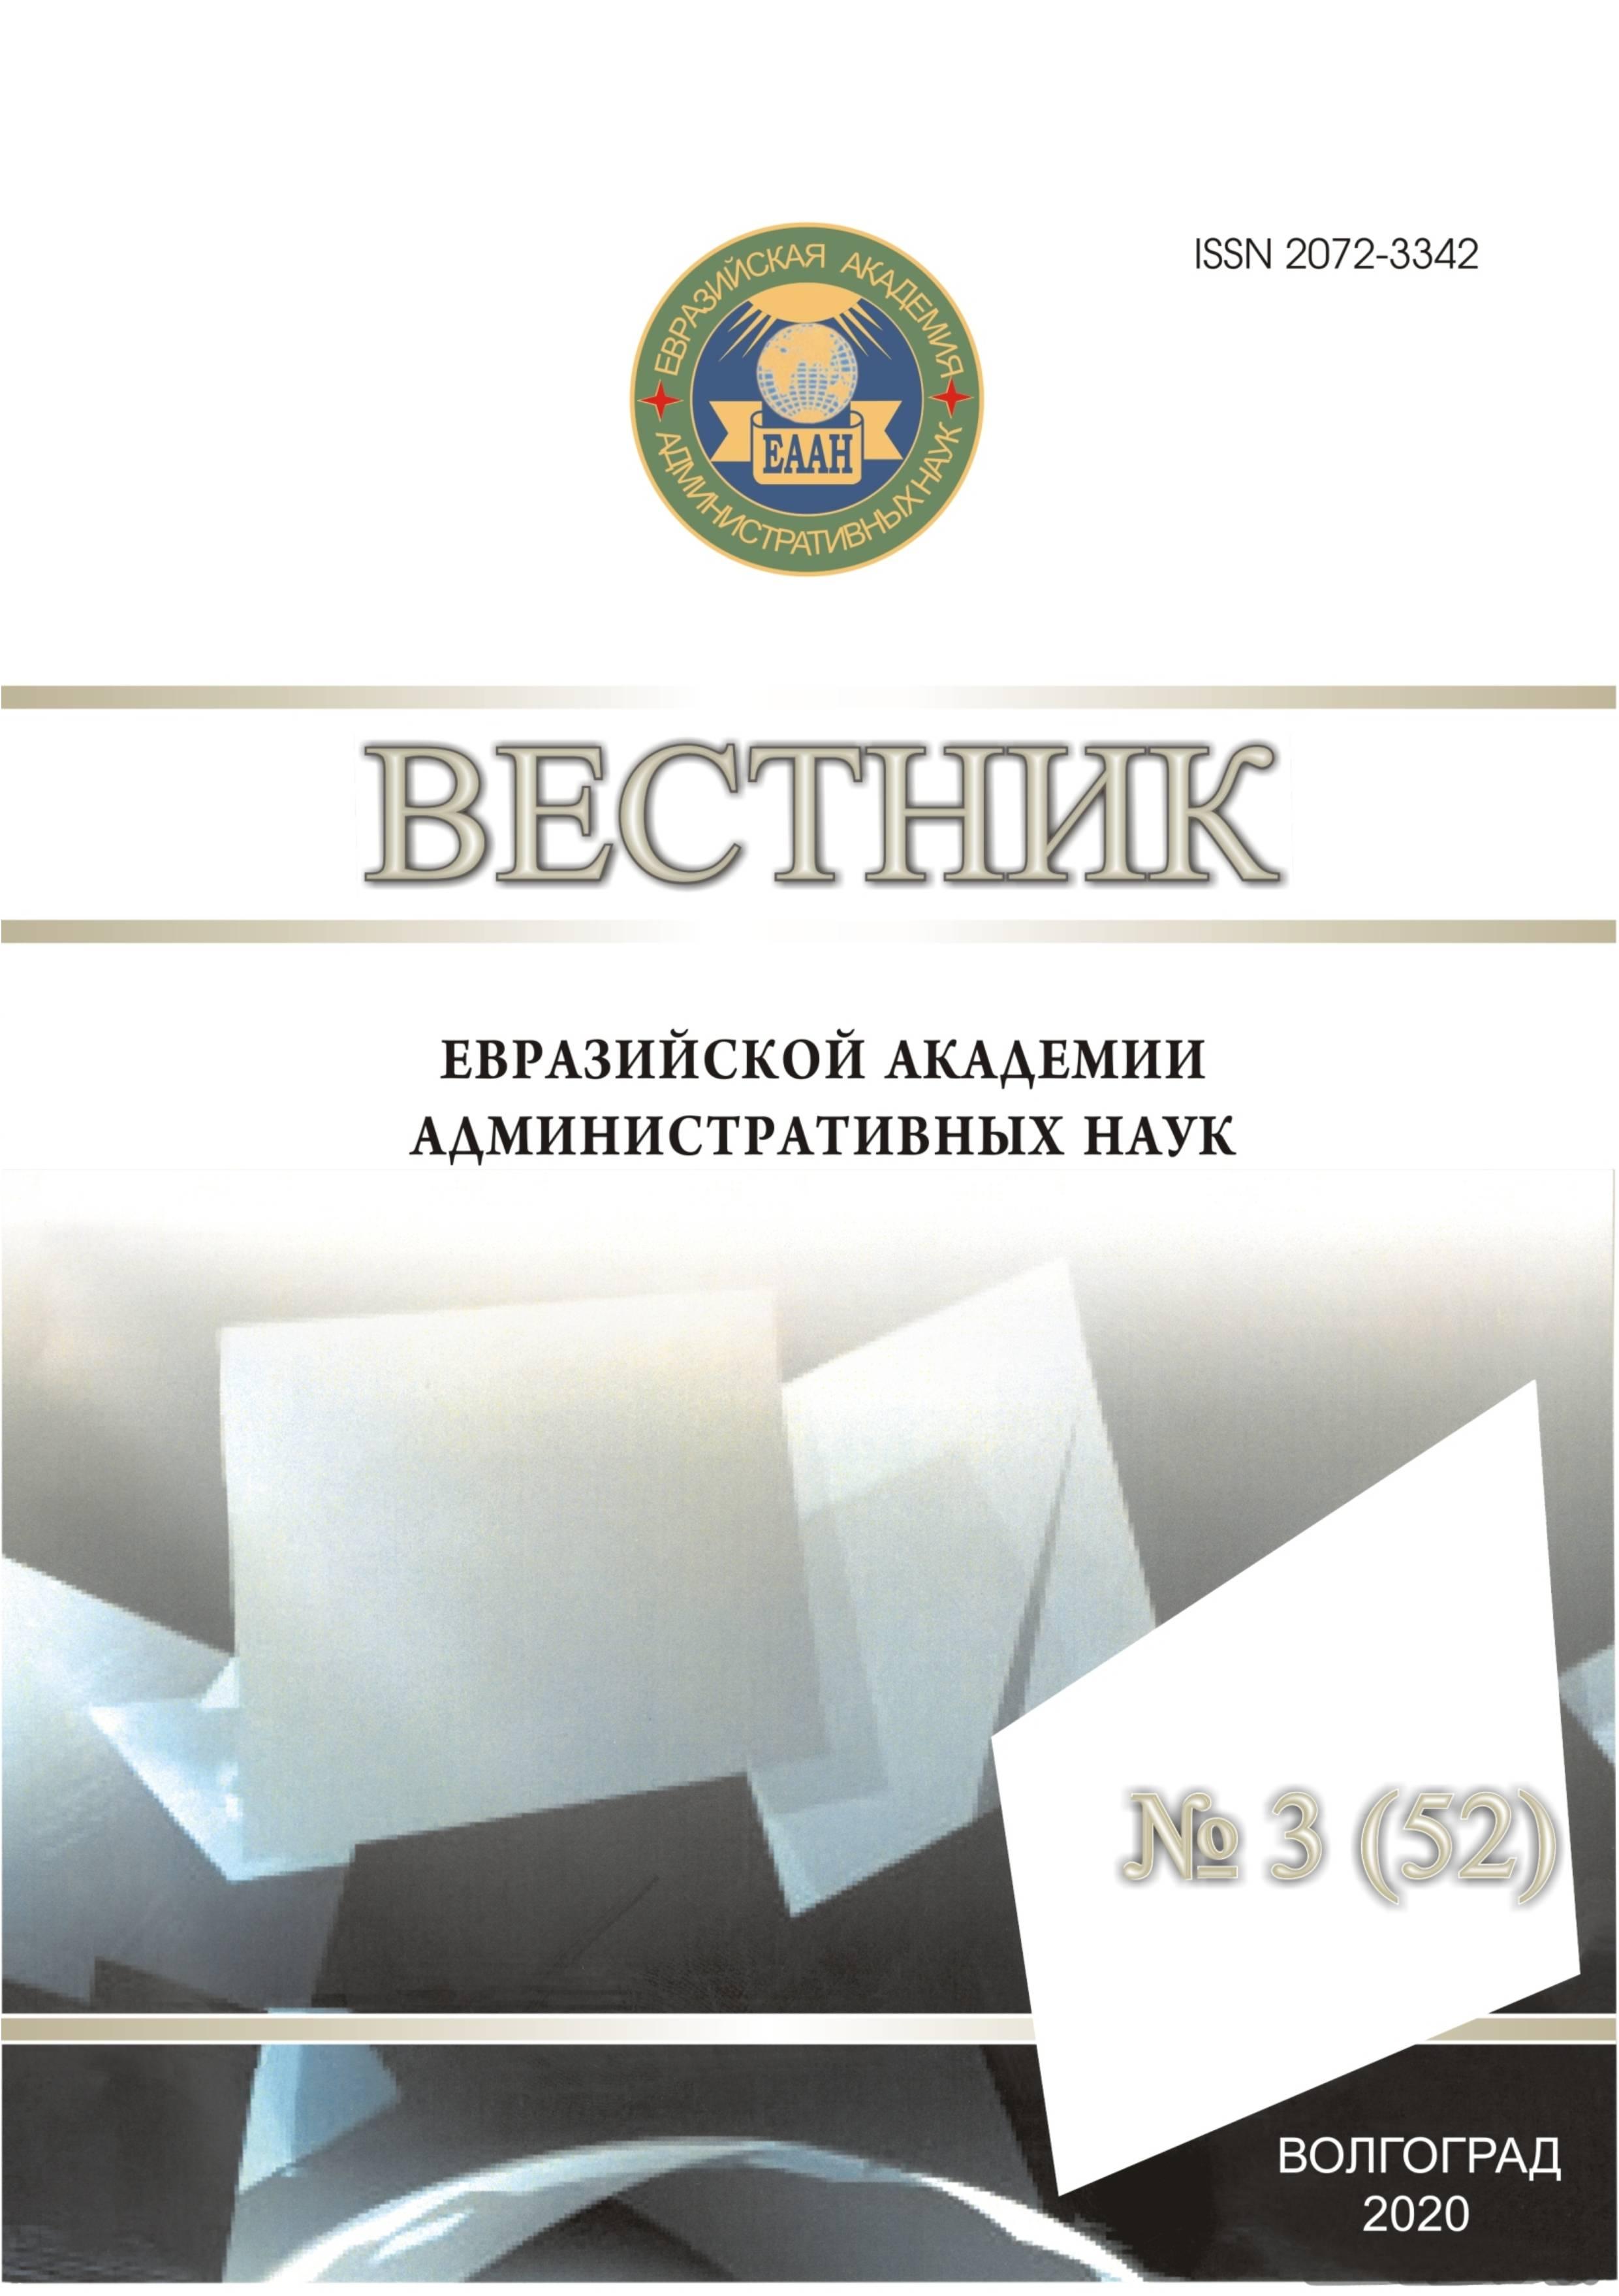 Научные журналы издательства ВИЭСП: журнал «Вестник Евразийской академии административных наук»